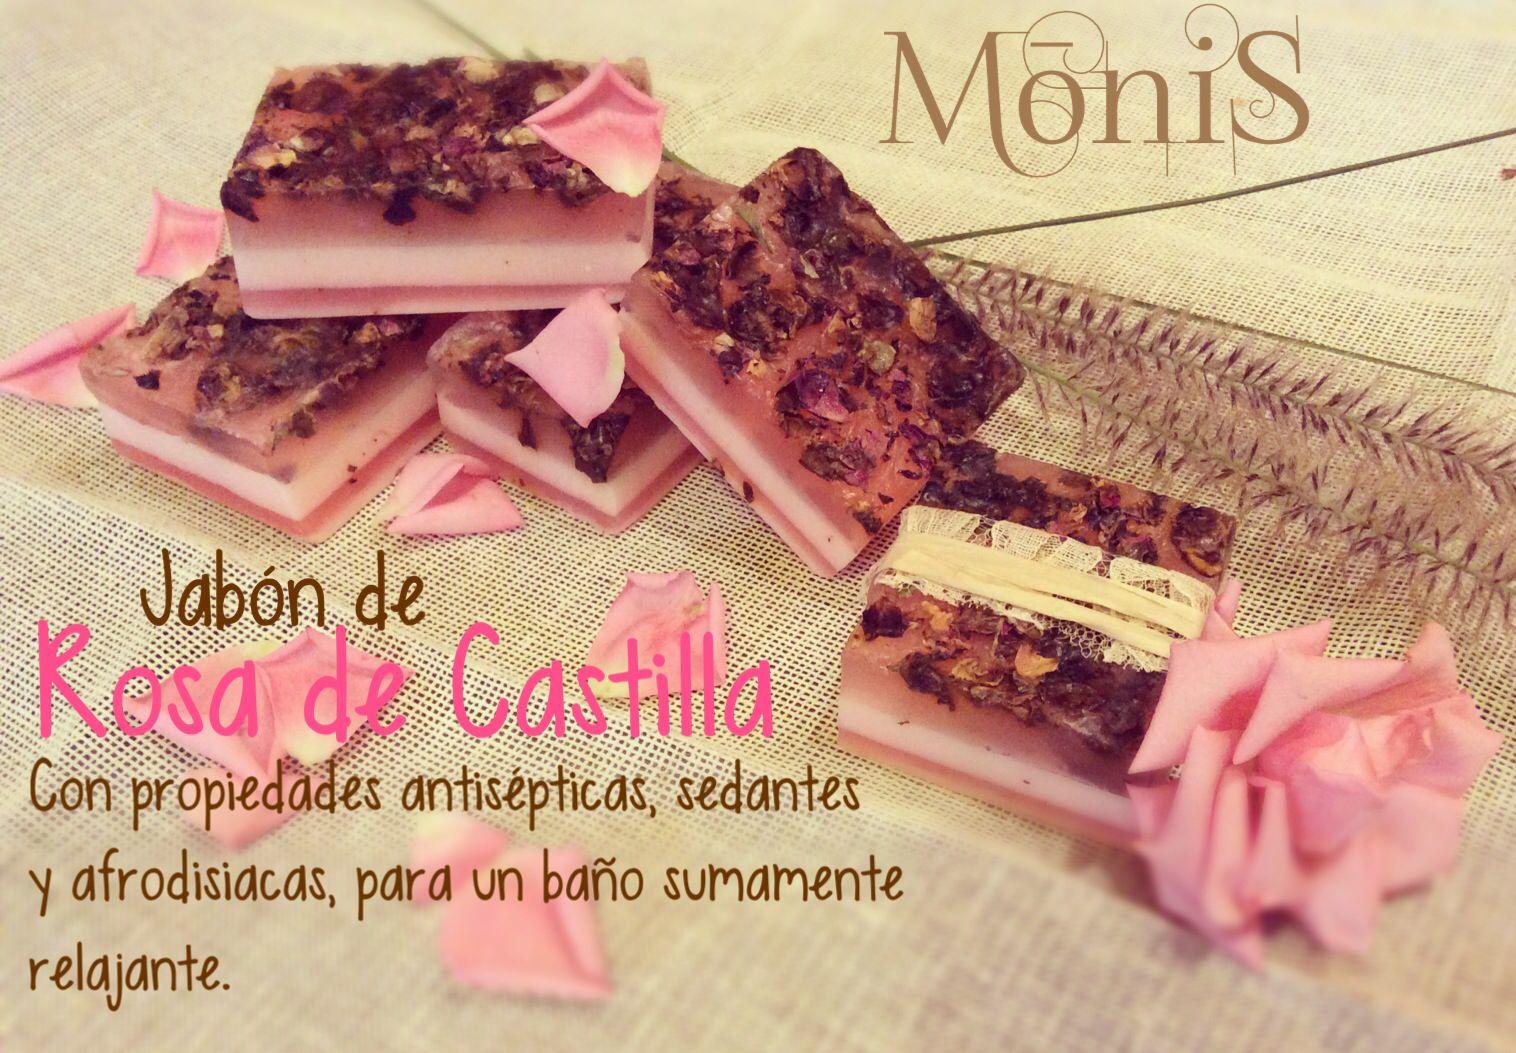 Rsa de Castilla